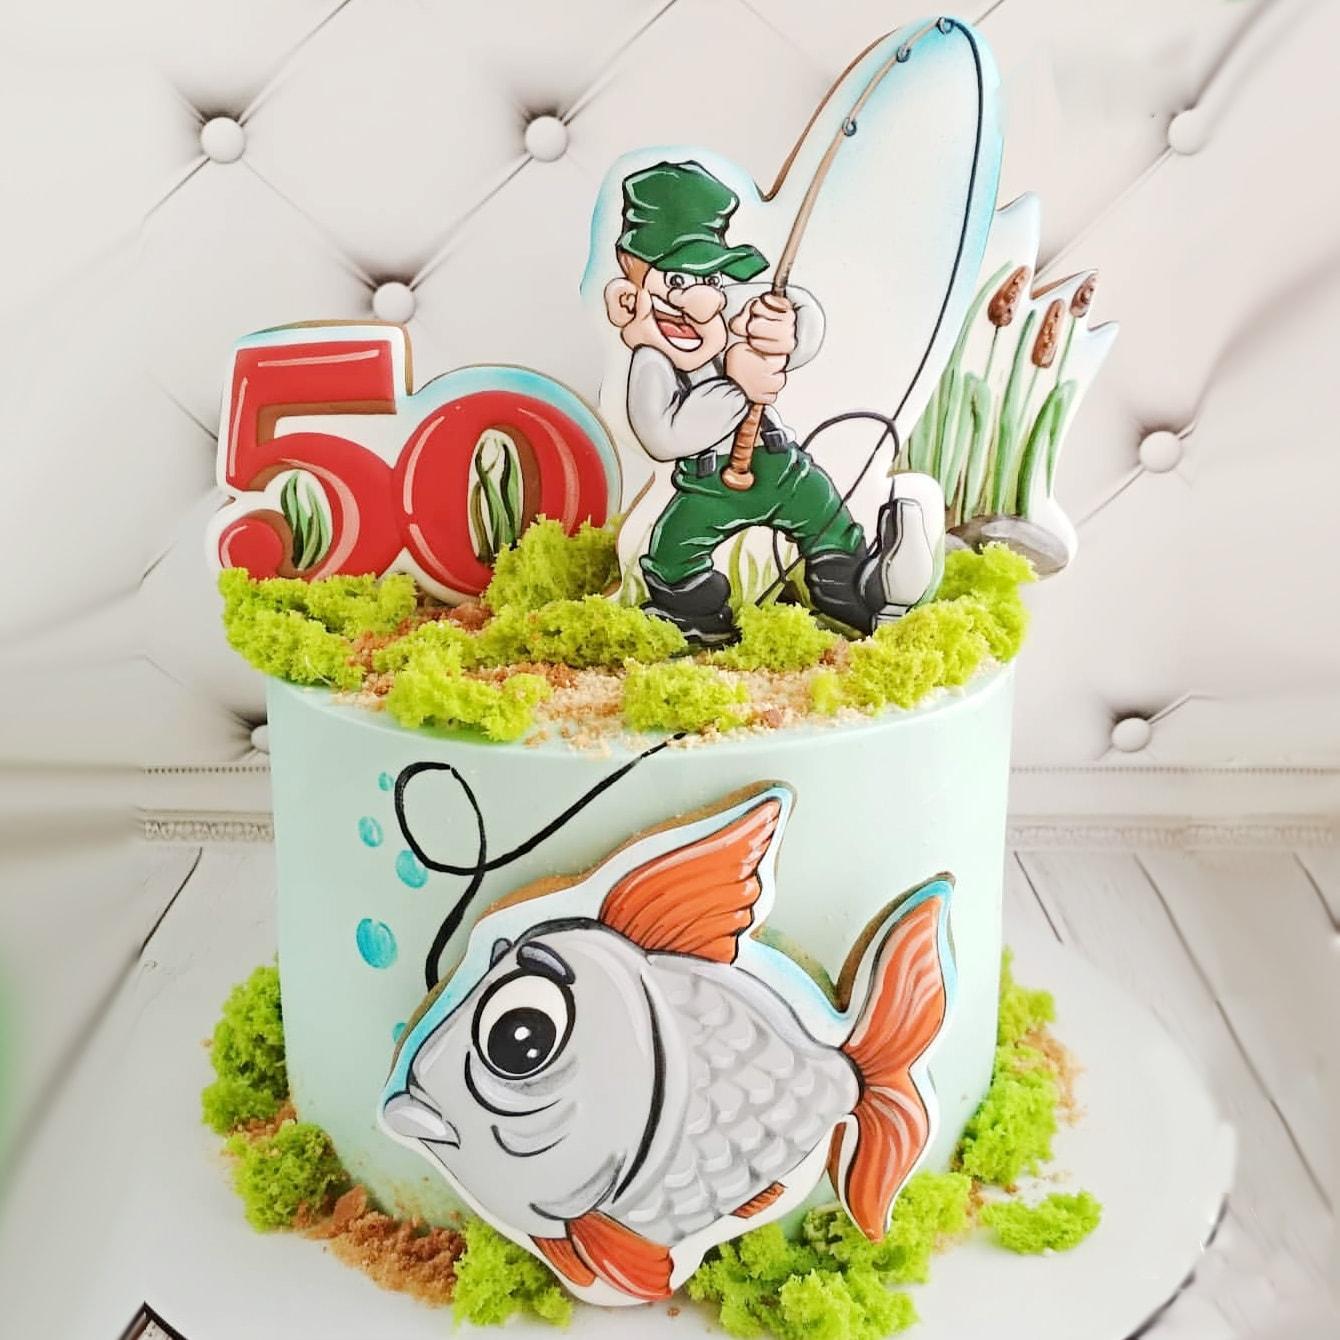 соседнего картинка торт для рыбака каким принципам